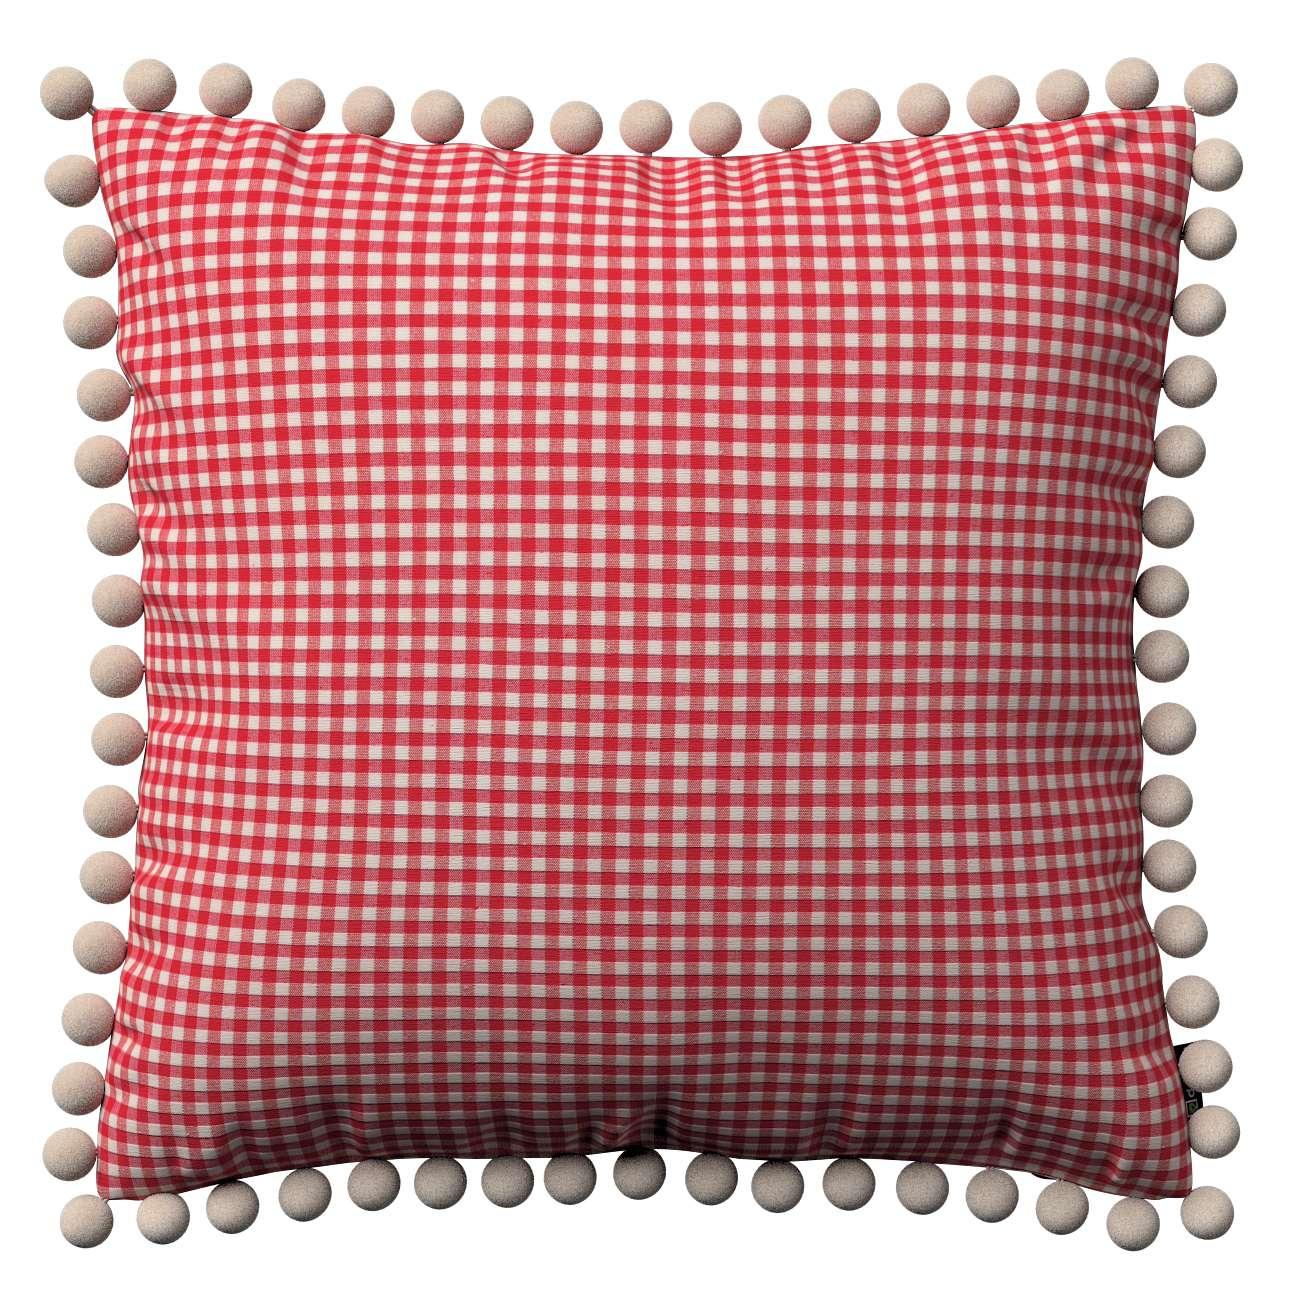 Poszewka Wera na poduszkę 45 x 45 cm w kolekcji Quadro, tkanina: 136-15